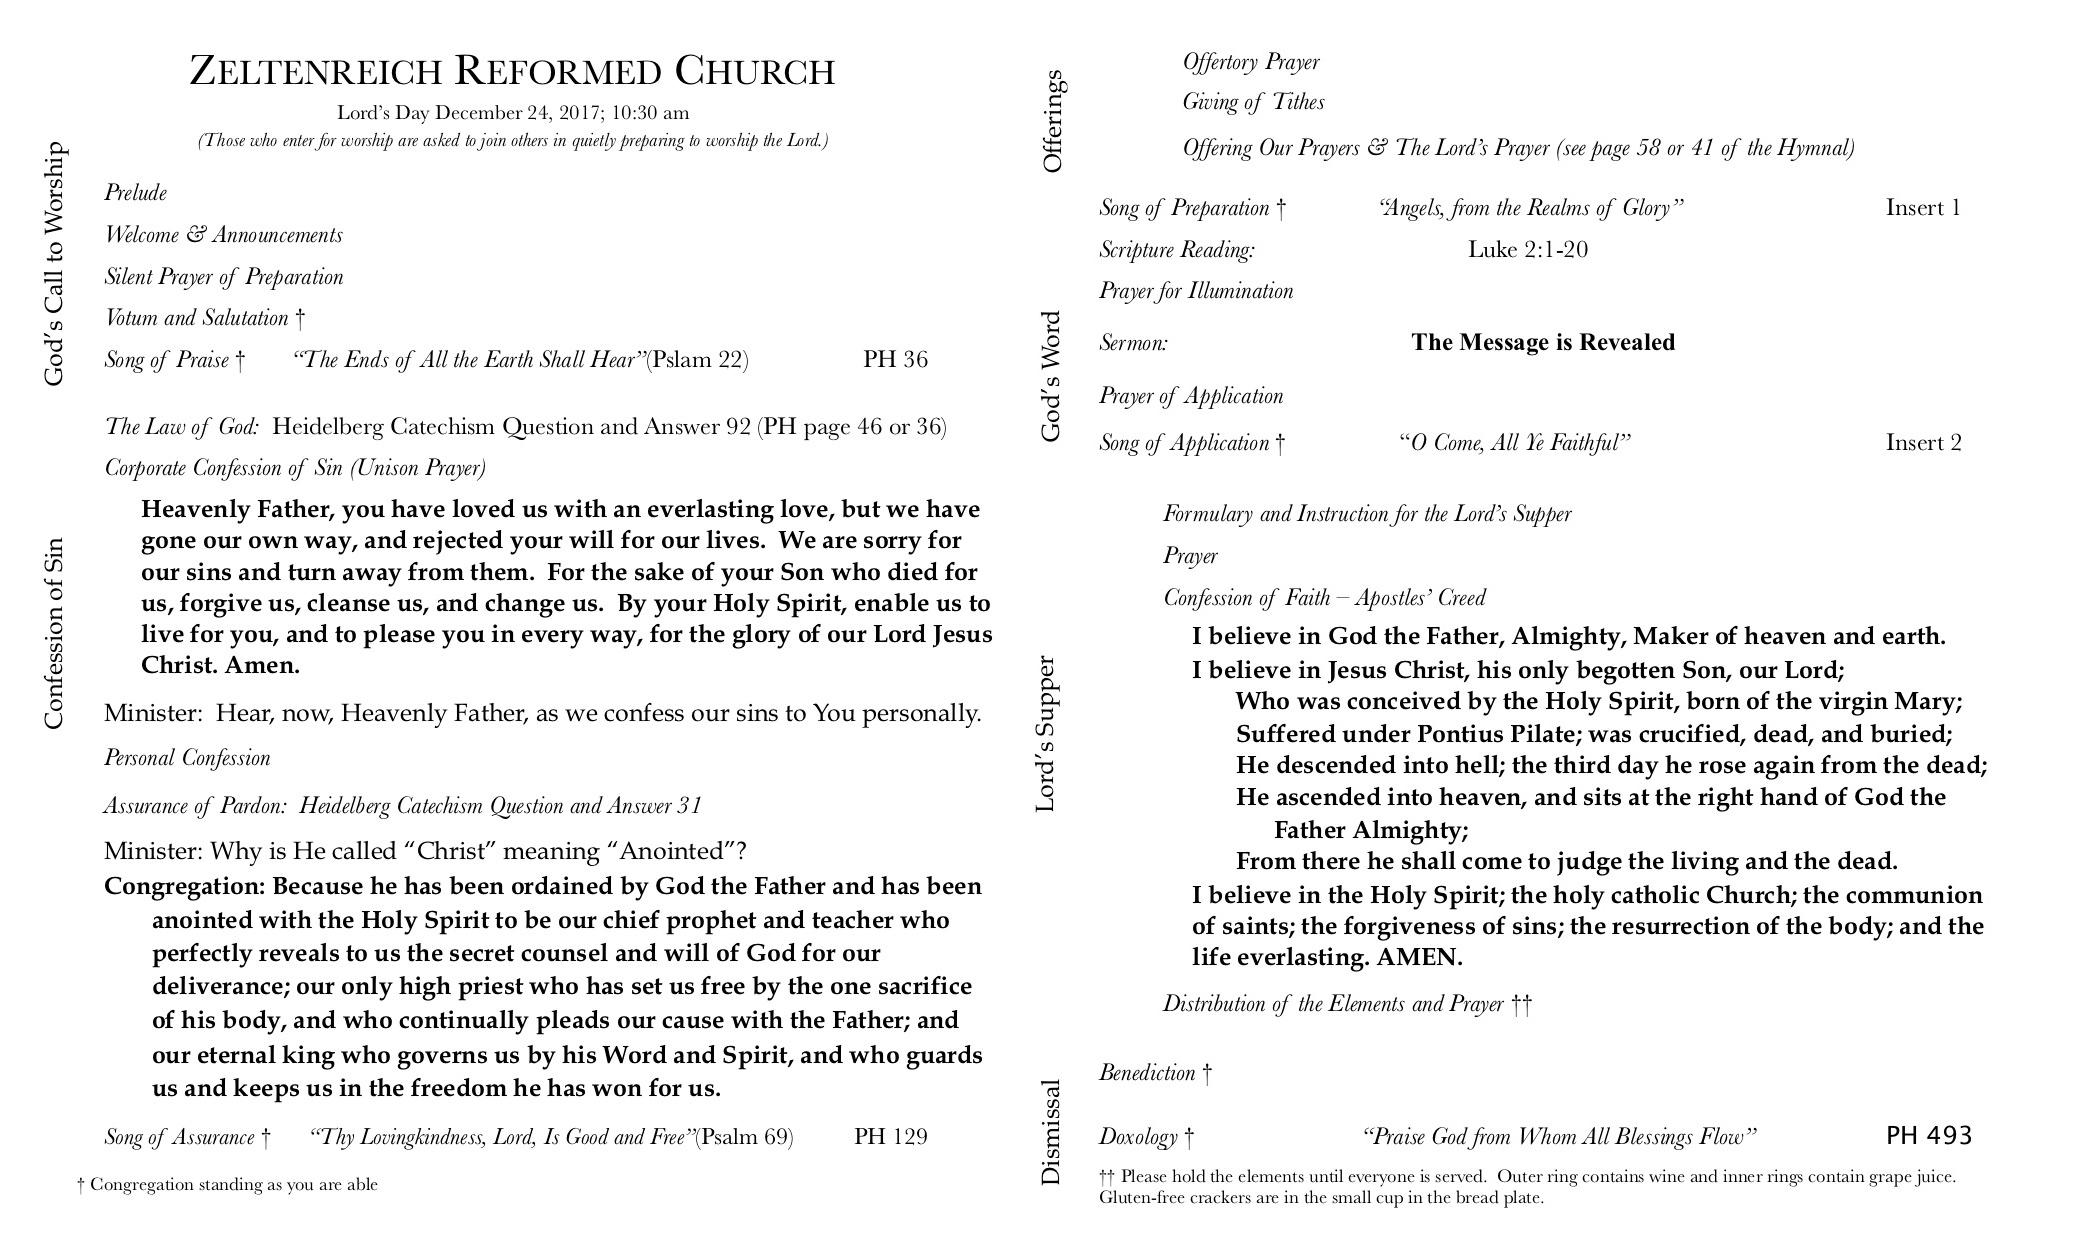 ZRC Bulletin 12.24.17.jpg